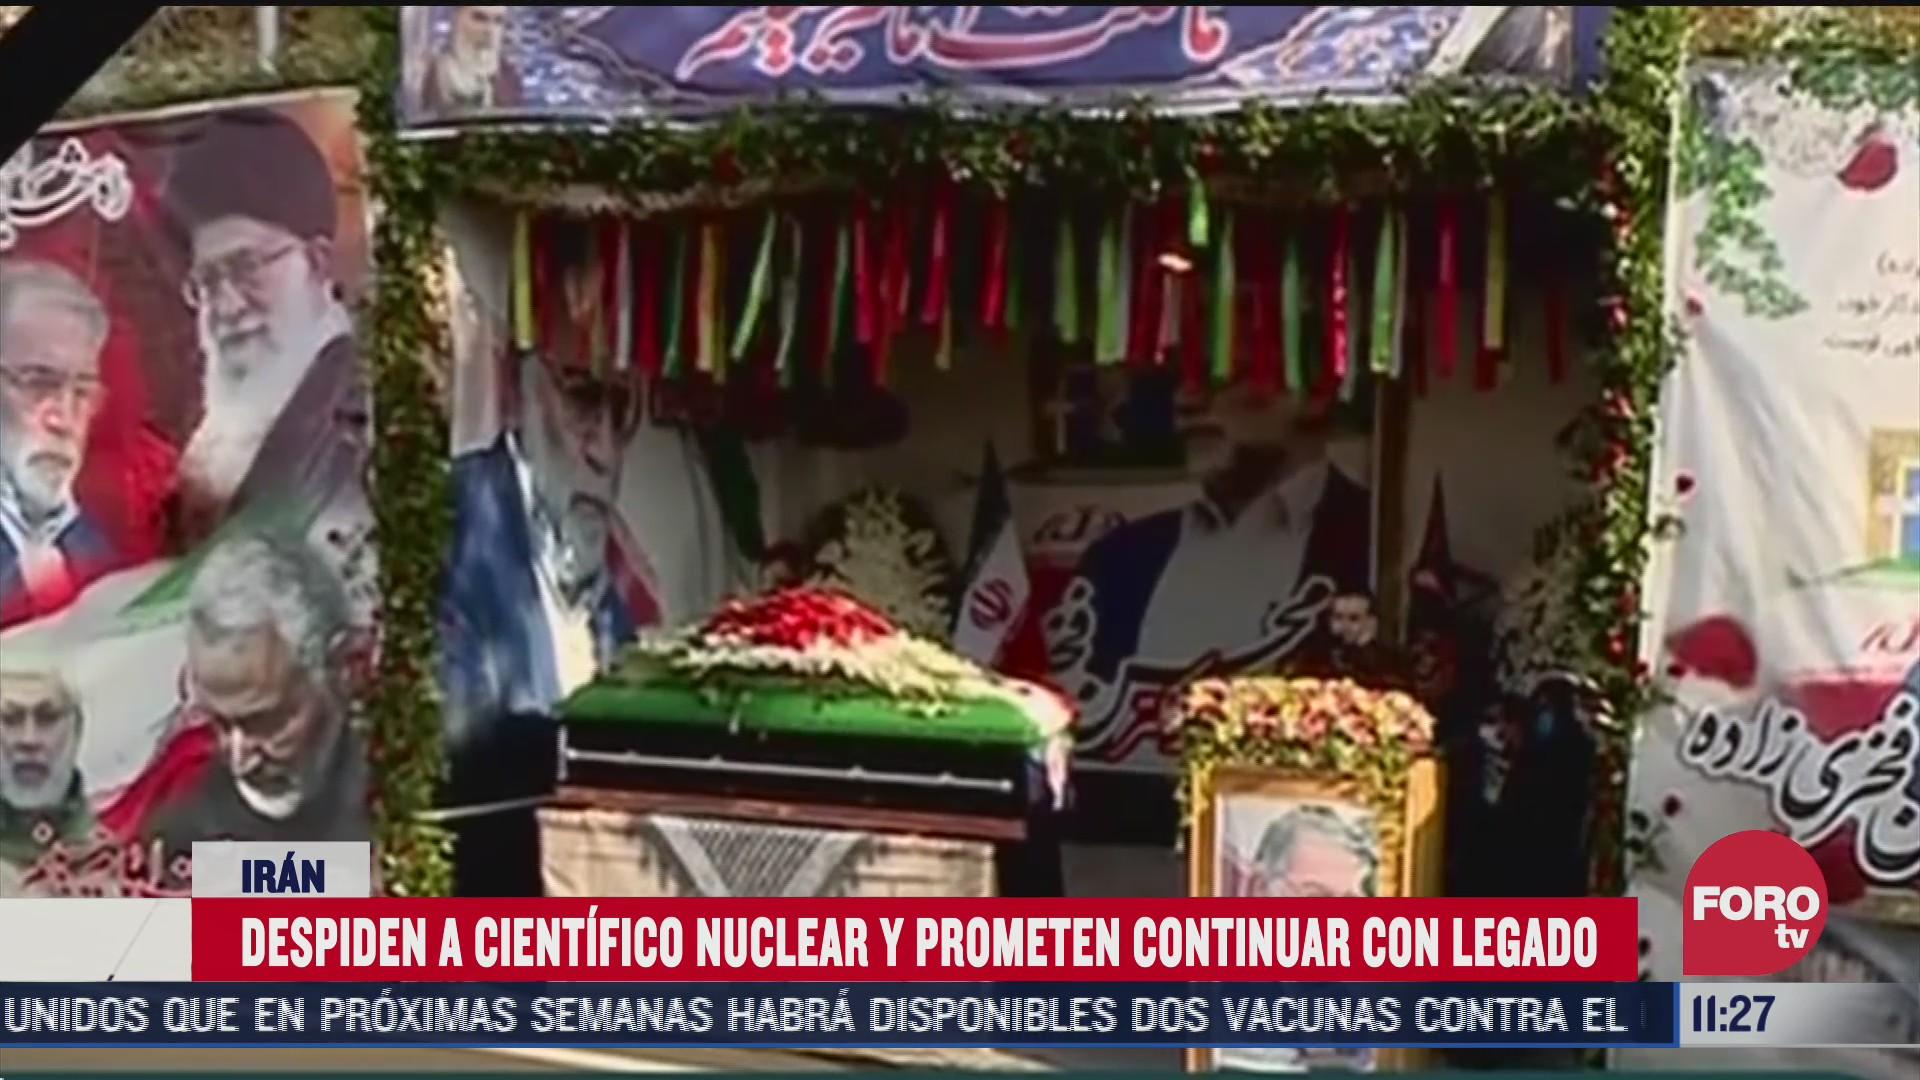 despiden a cientifico nuclear y prometen continuar con legado en iran